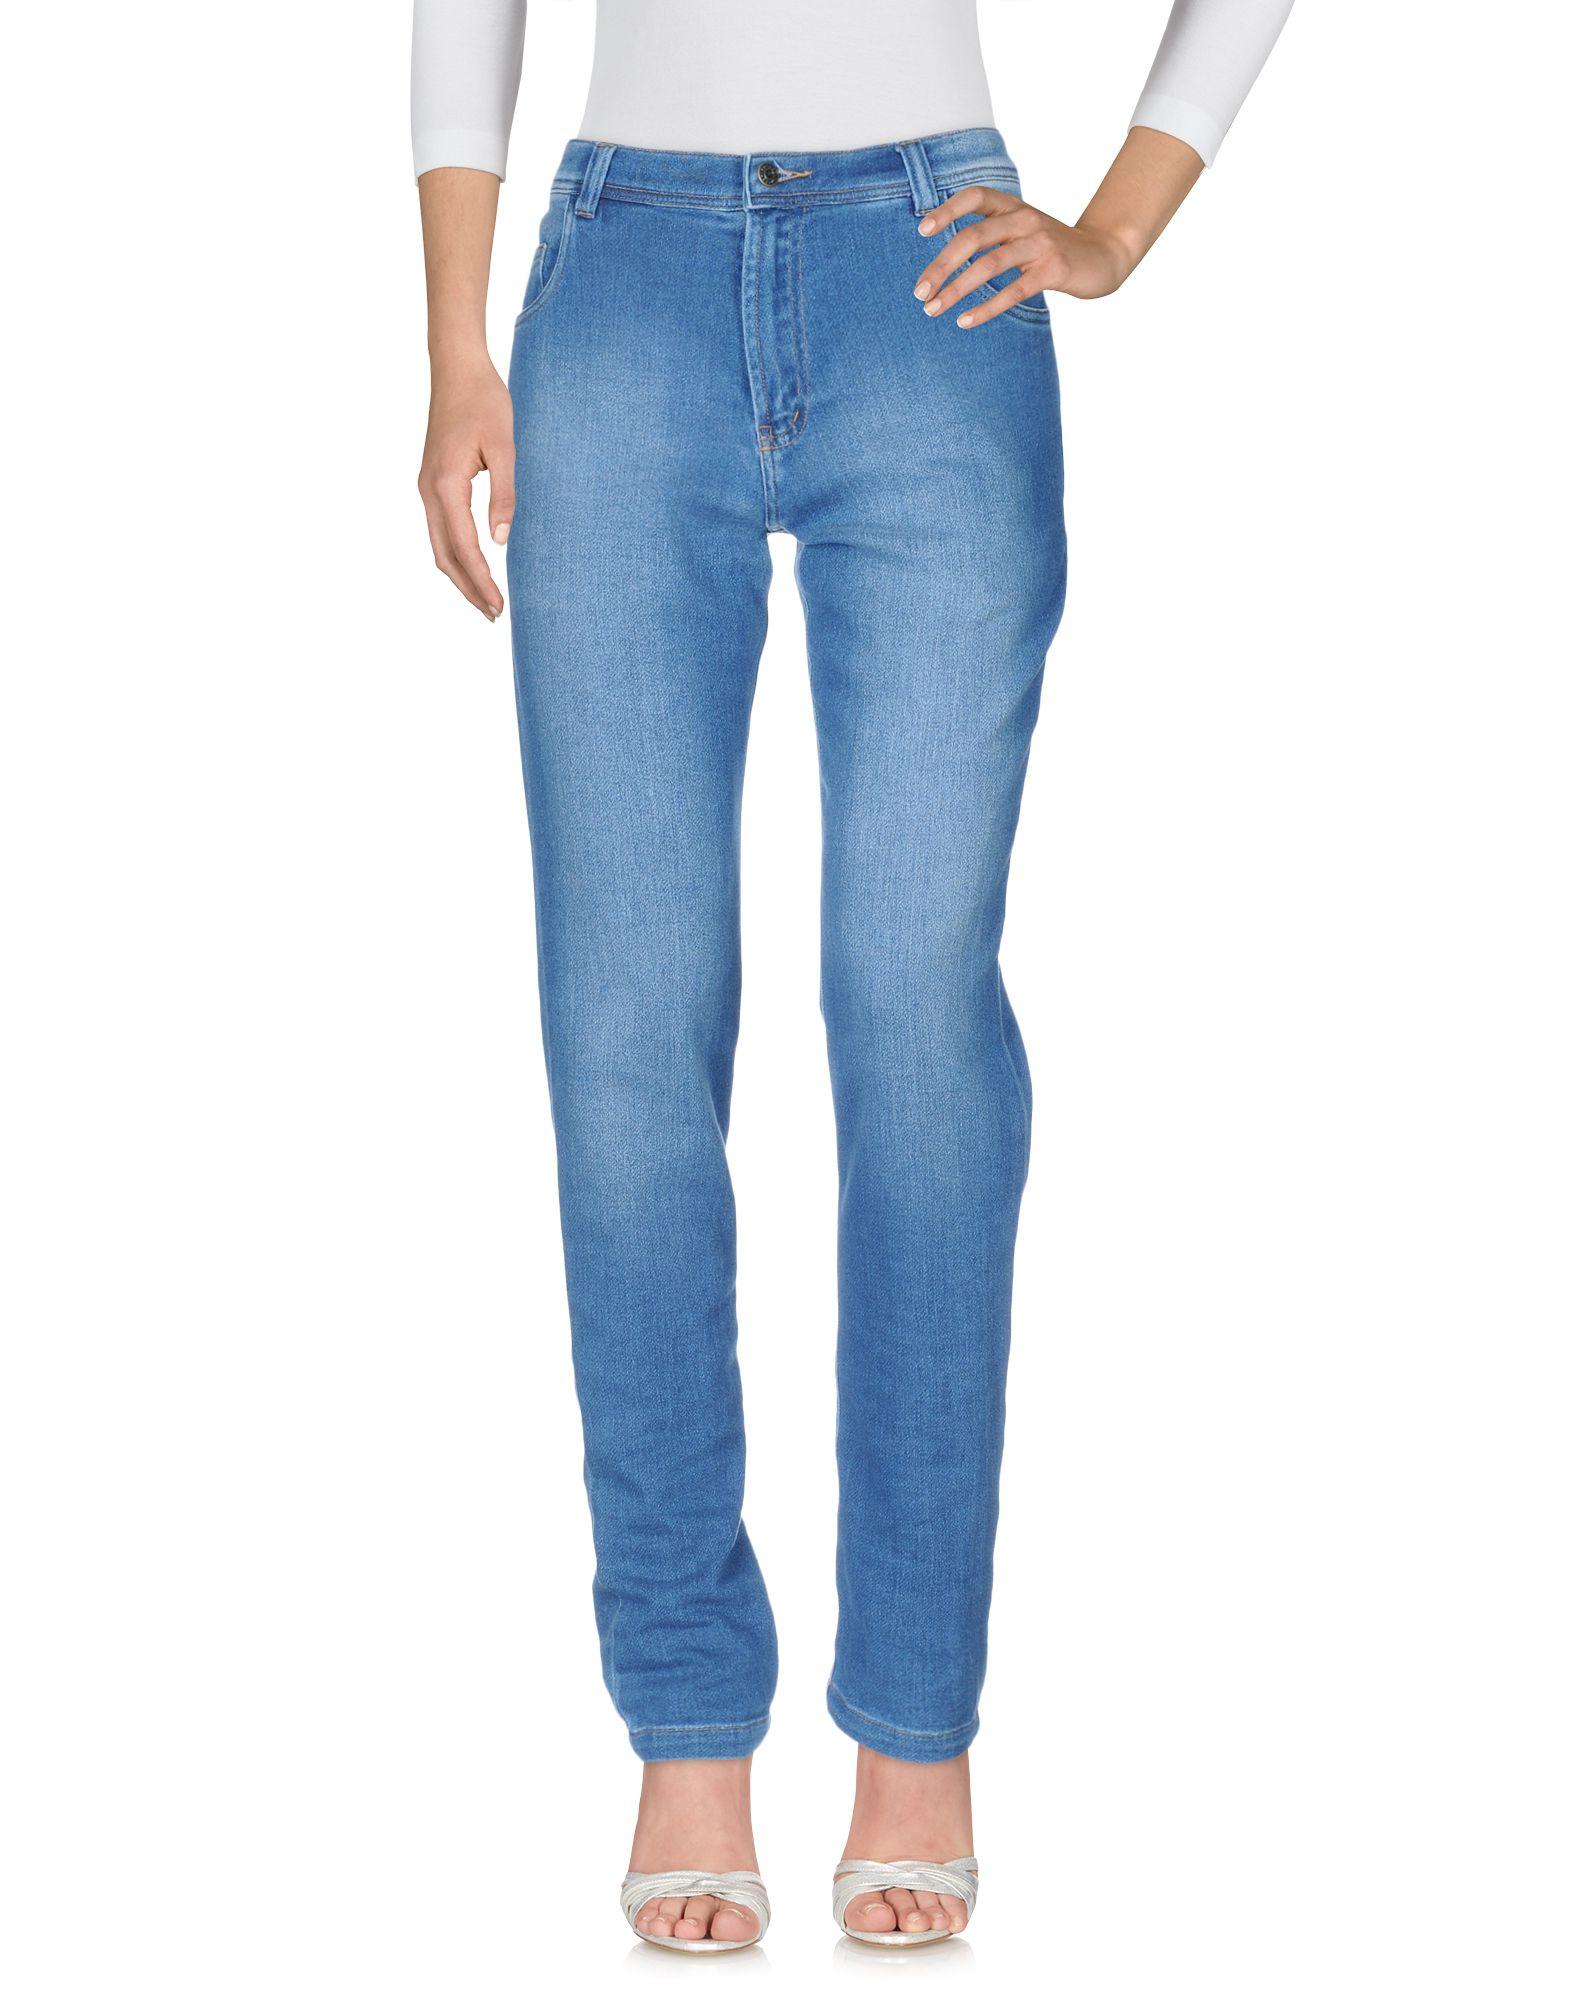 Pantaloni Jeans Osklen Donna - Acquista online su DuFbNQ